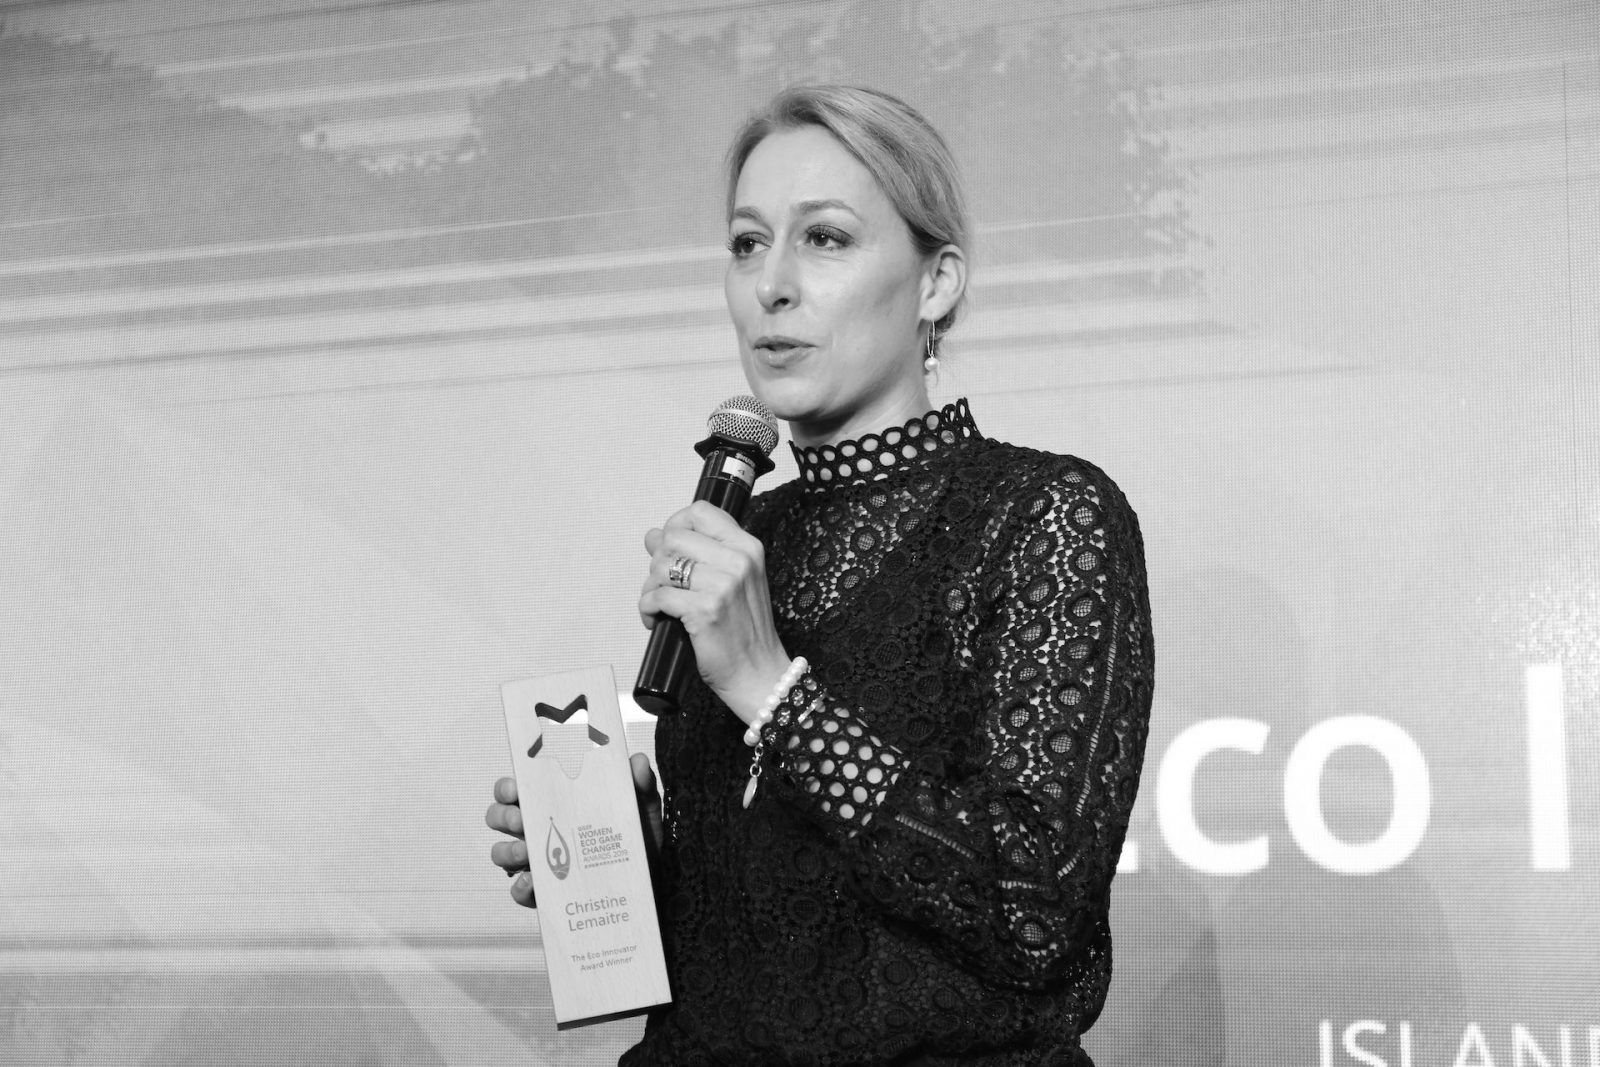 """DGNB-Vorstand Dr. Christine Lemaitre bei der Verleihung des """"GGEF Eco Innovator Awards"""" Ende Mai 2019 in Hongkong (Foto: GGEF)"""